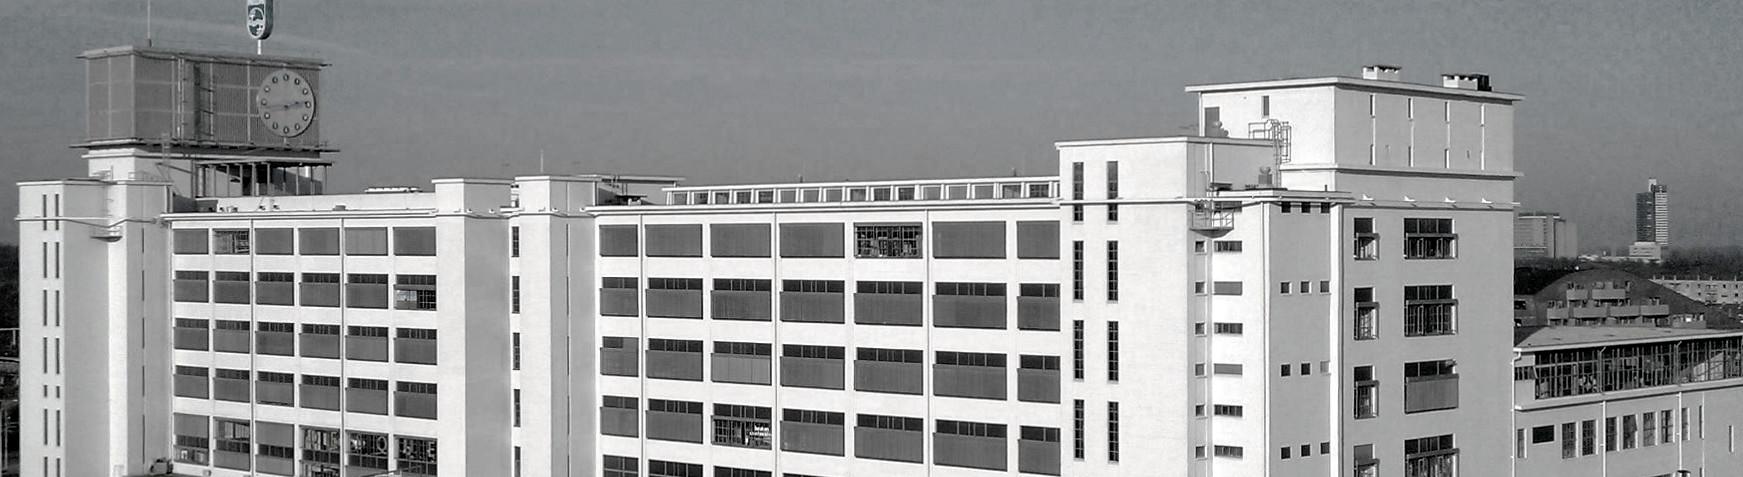 Klokgebouw Strijp-S - headafbeelding - BEELEN CS architecten Eindhoven